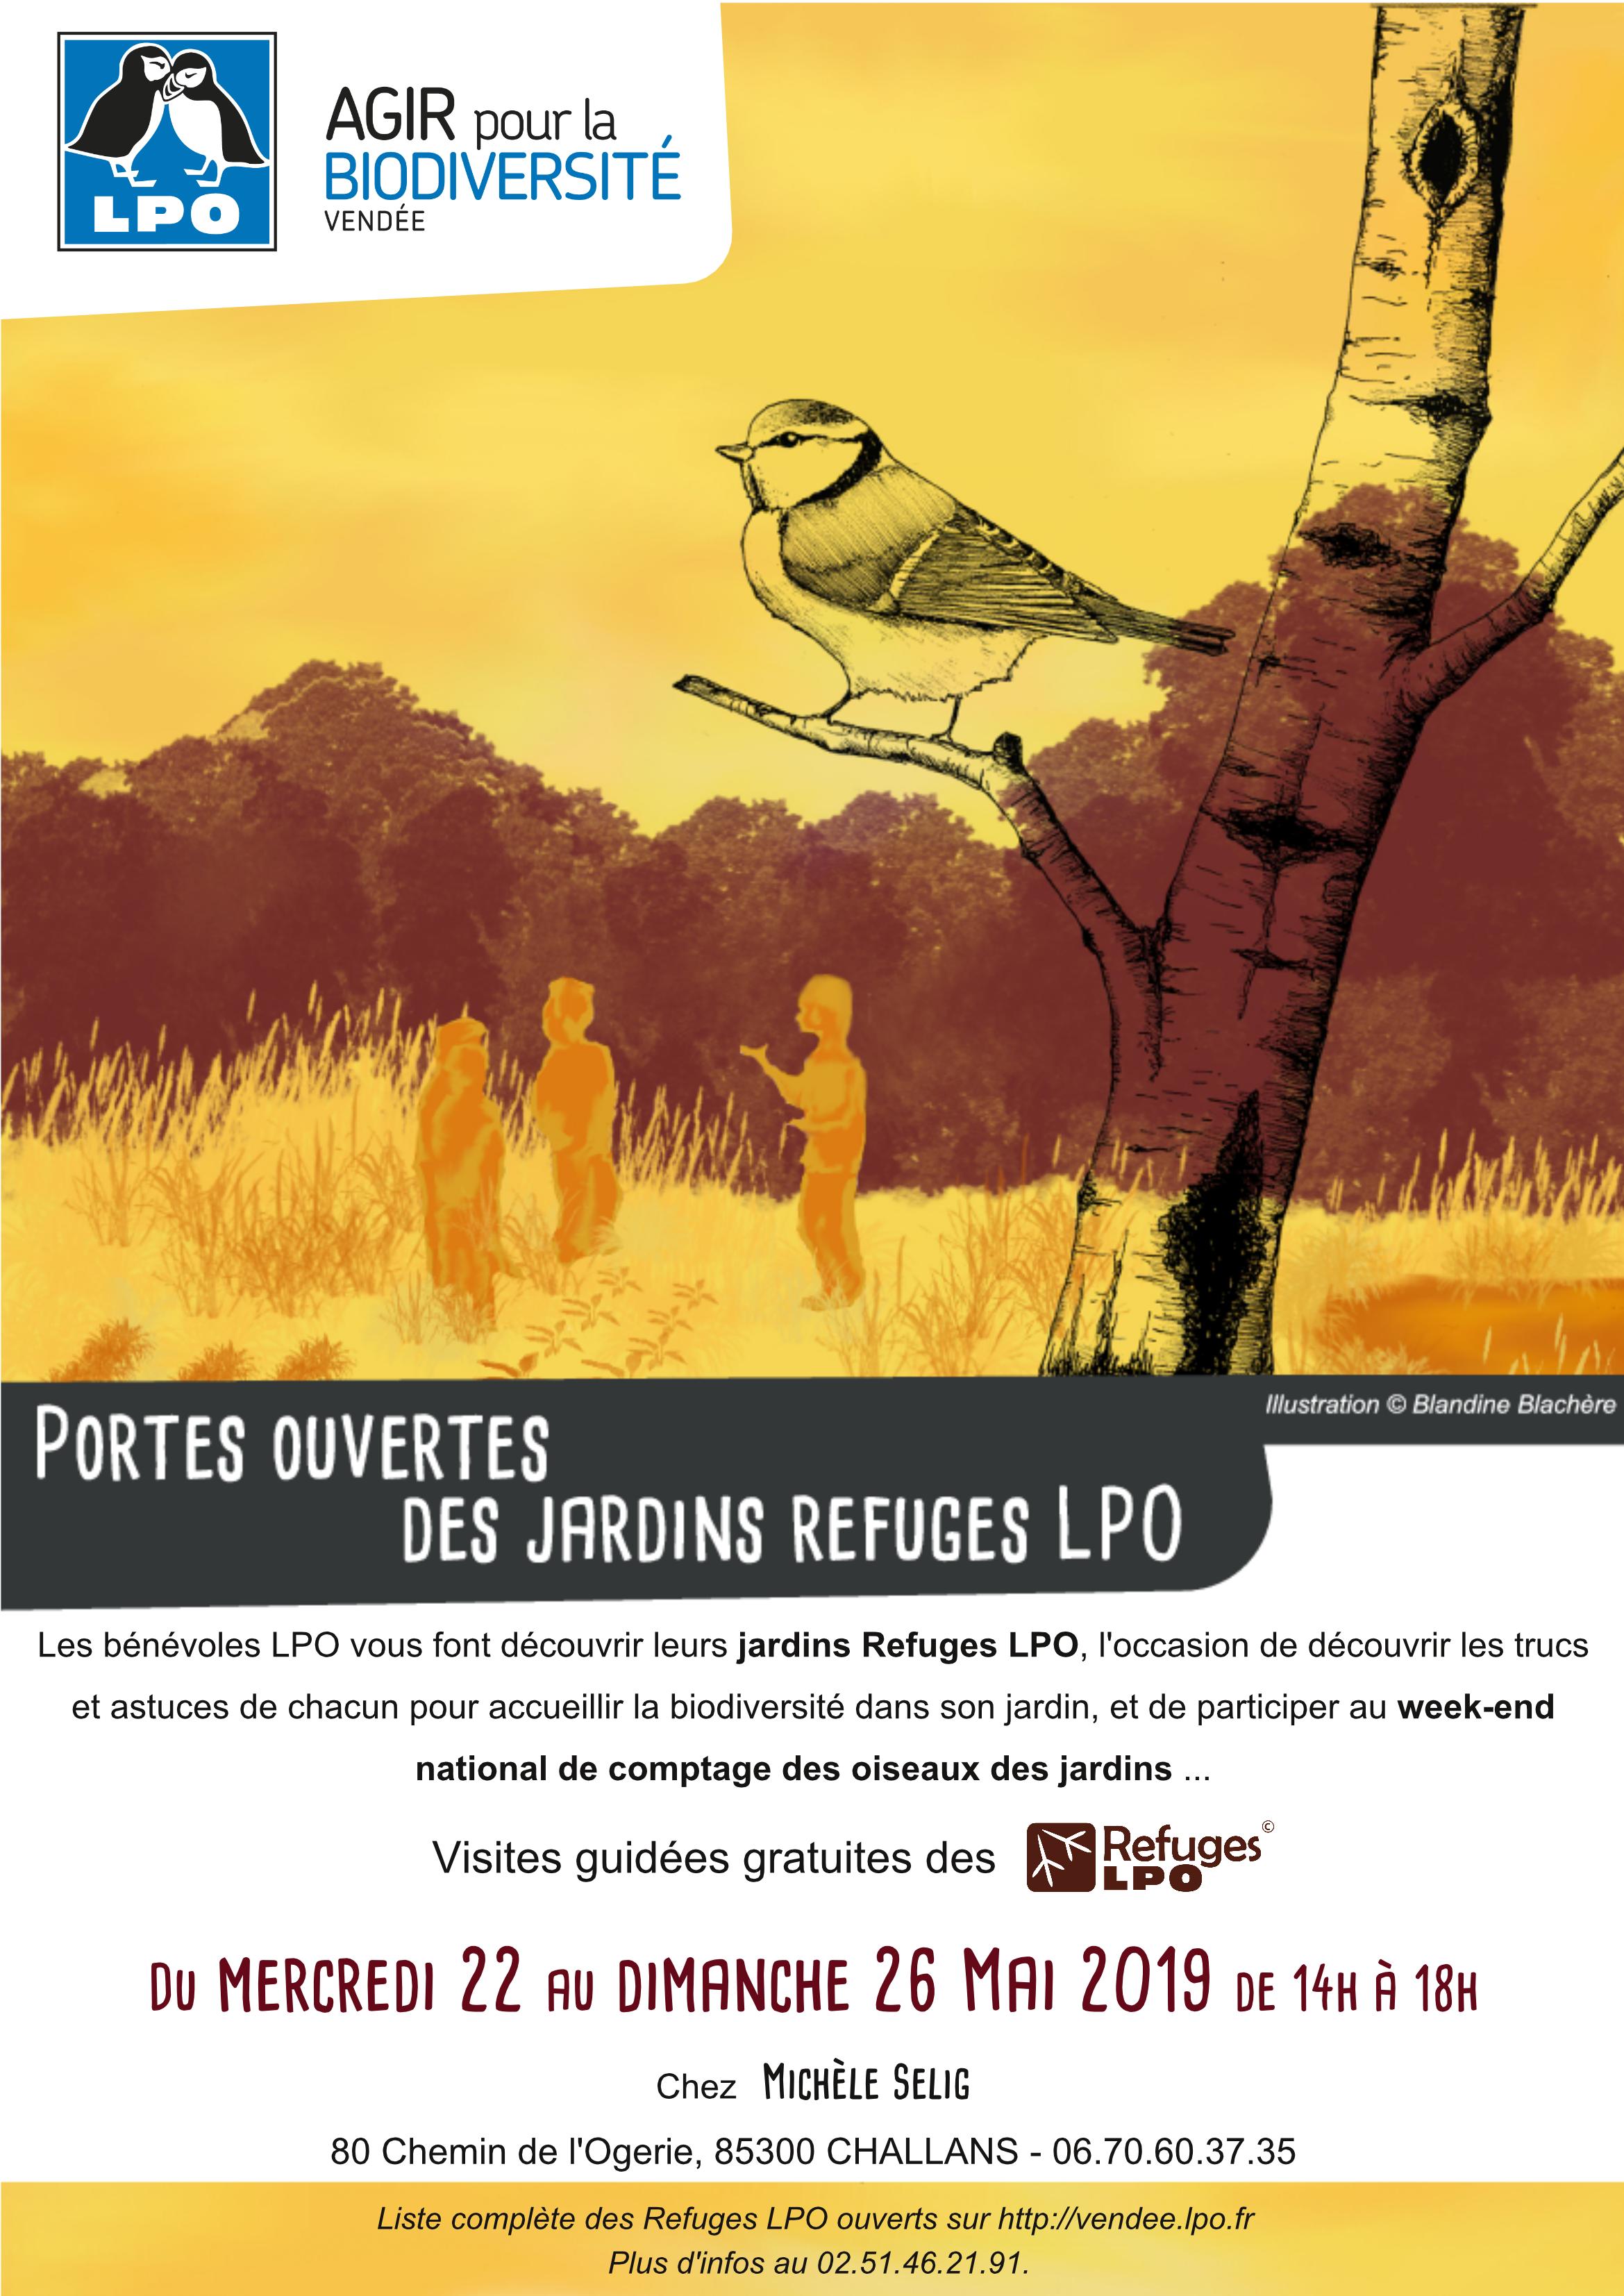 Portes ouvertes du Refuge LPO de Michèle